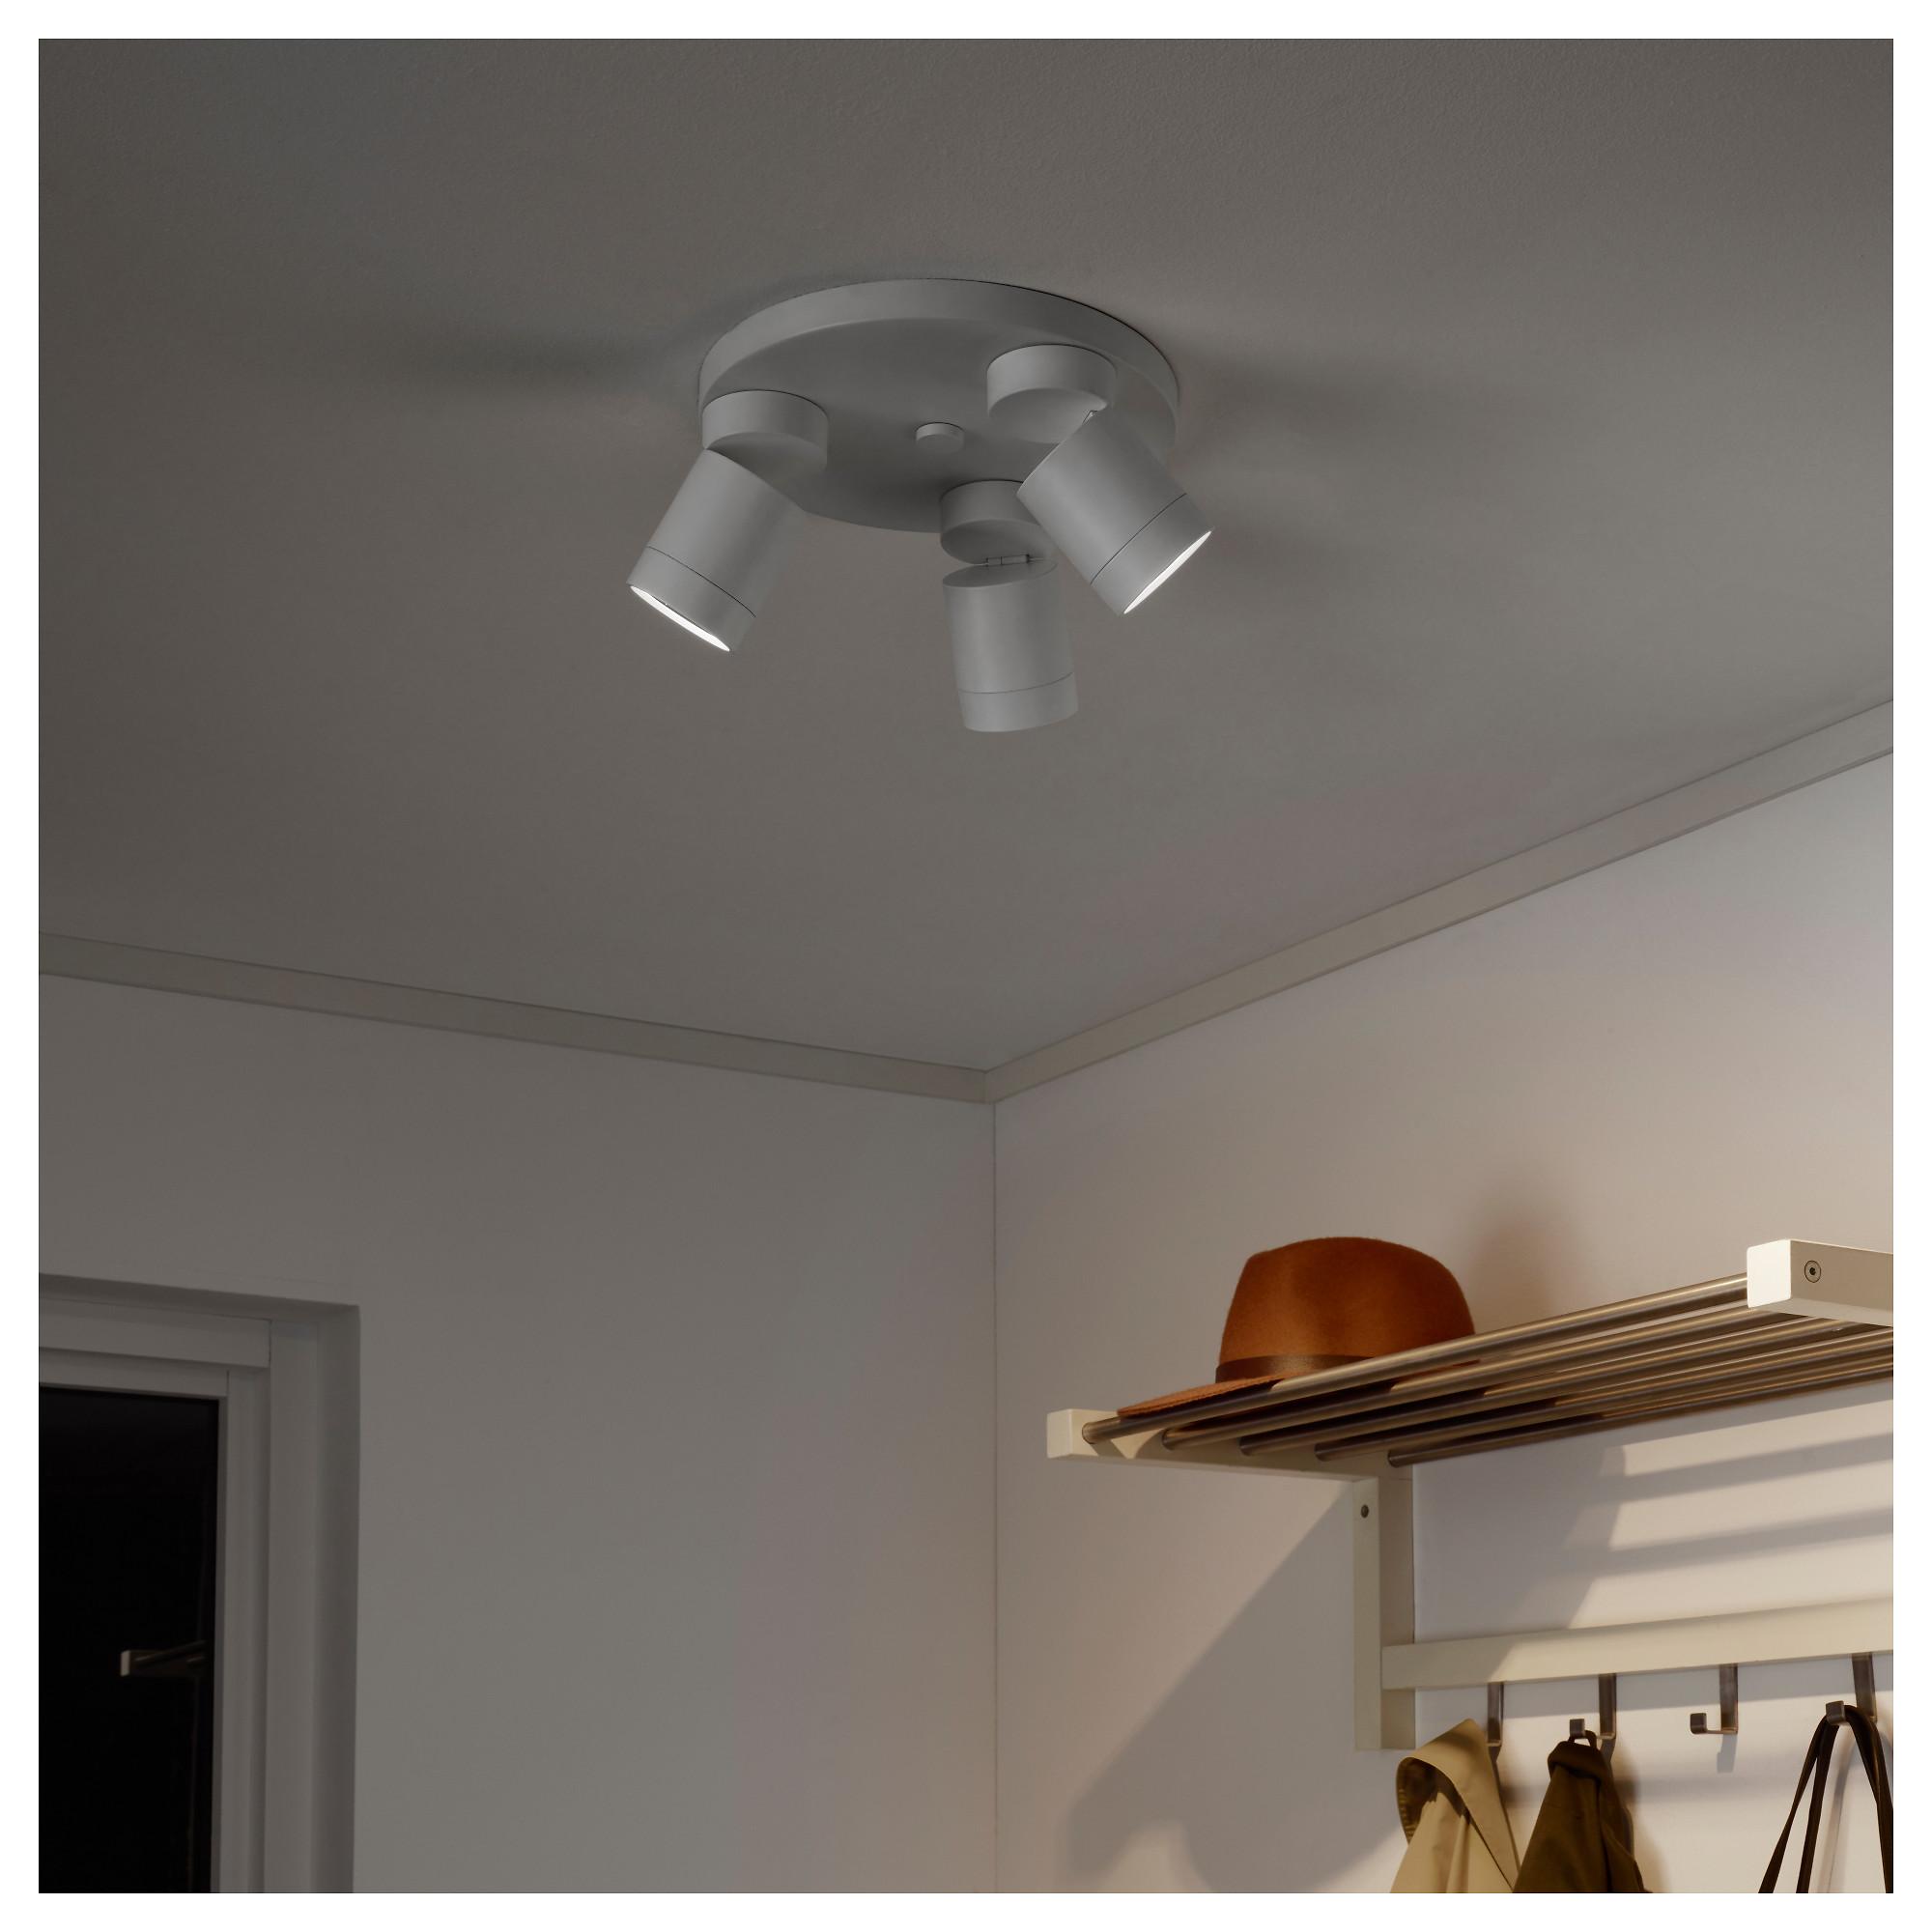 Full Size of Deckenlampe Leuchte Beleuchtung Home Lighting Ceiling Lights Wohnzimmer Deckenlampen Schlafzimmer Küche Kaufen Ikea Kosten Sofa Mit Schlaffunktion Für Modern Wohnzimmer Deckenlampe Ikea